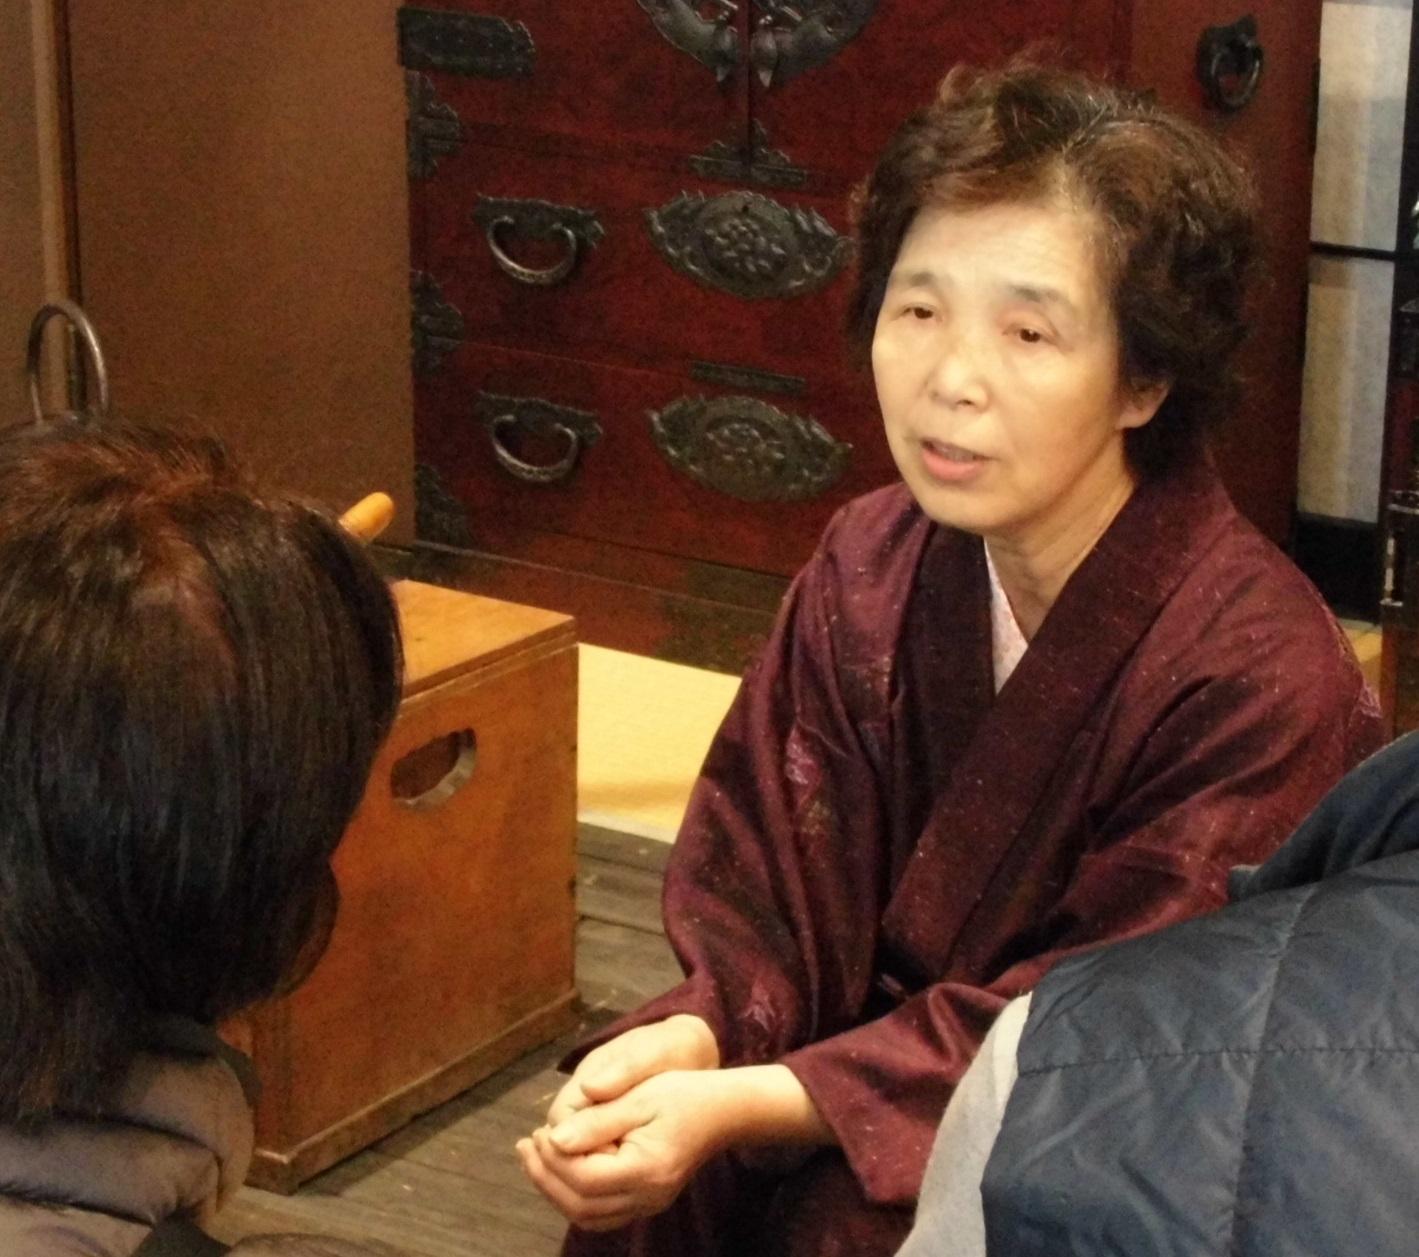 【仙台ふららん】仙台の奥座敷・秋保温泉で民話の地をめぐる